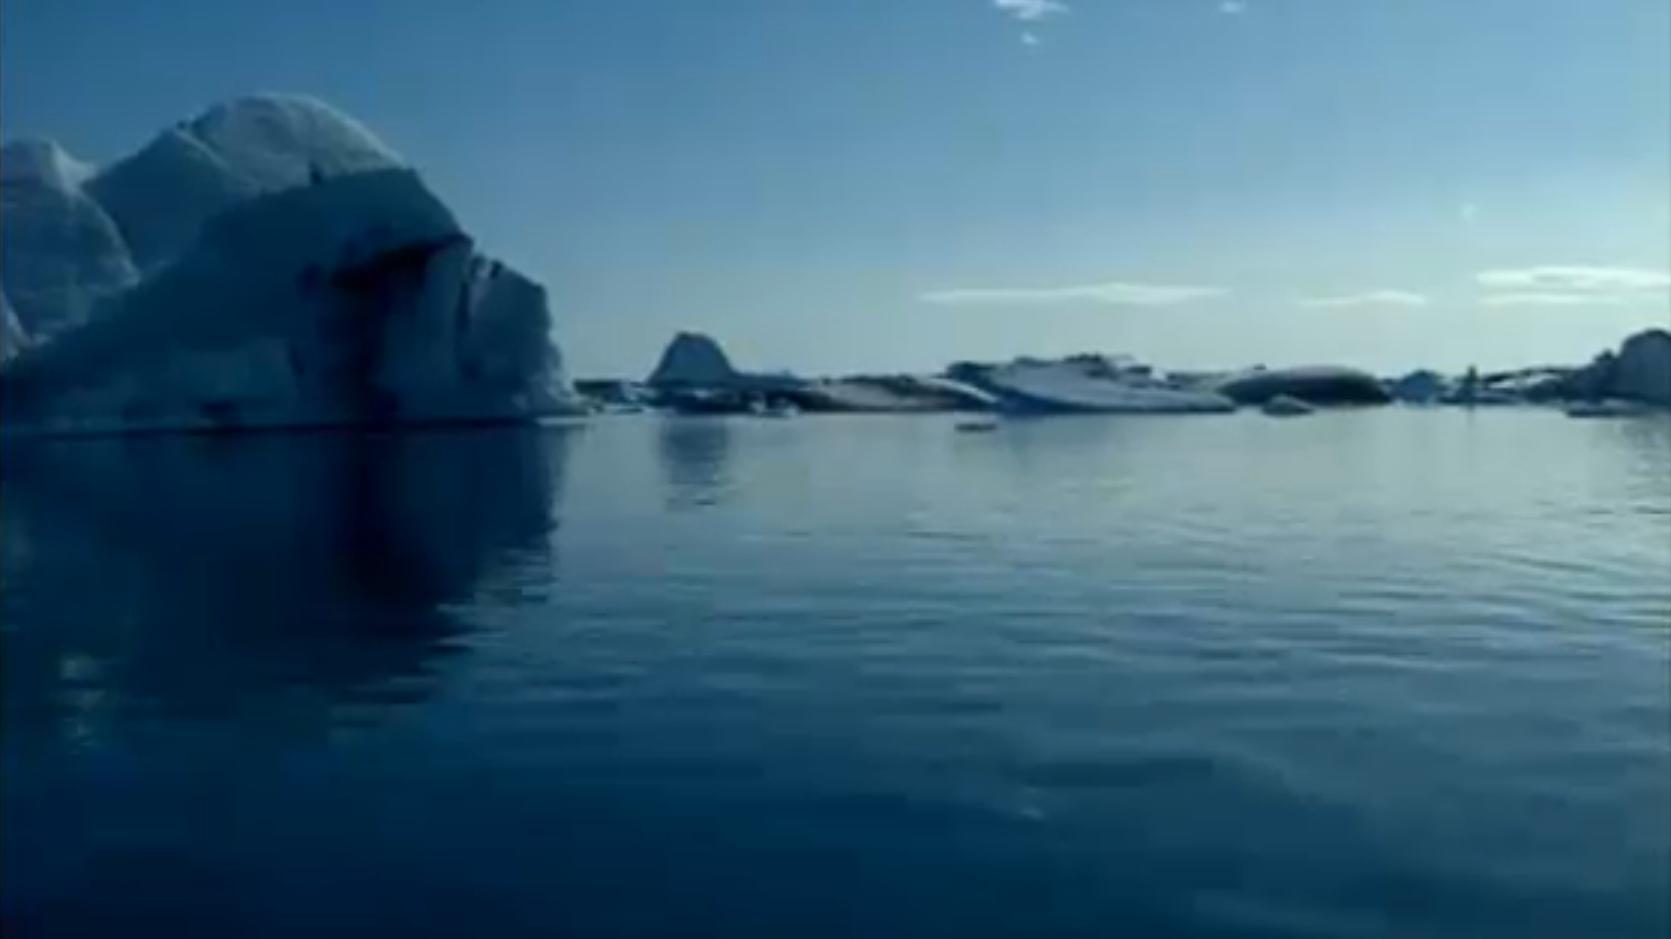 Pêcher à Islande - Mythes et réalités de la pêche à la morue |